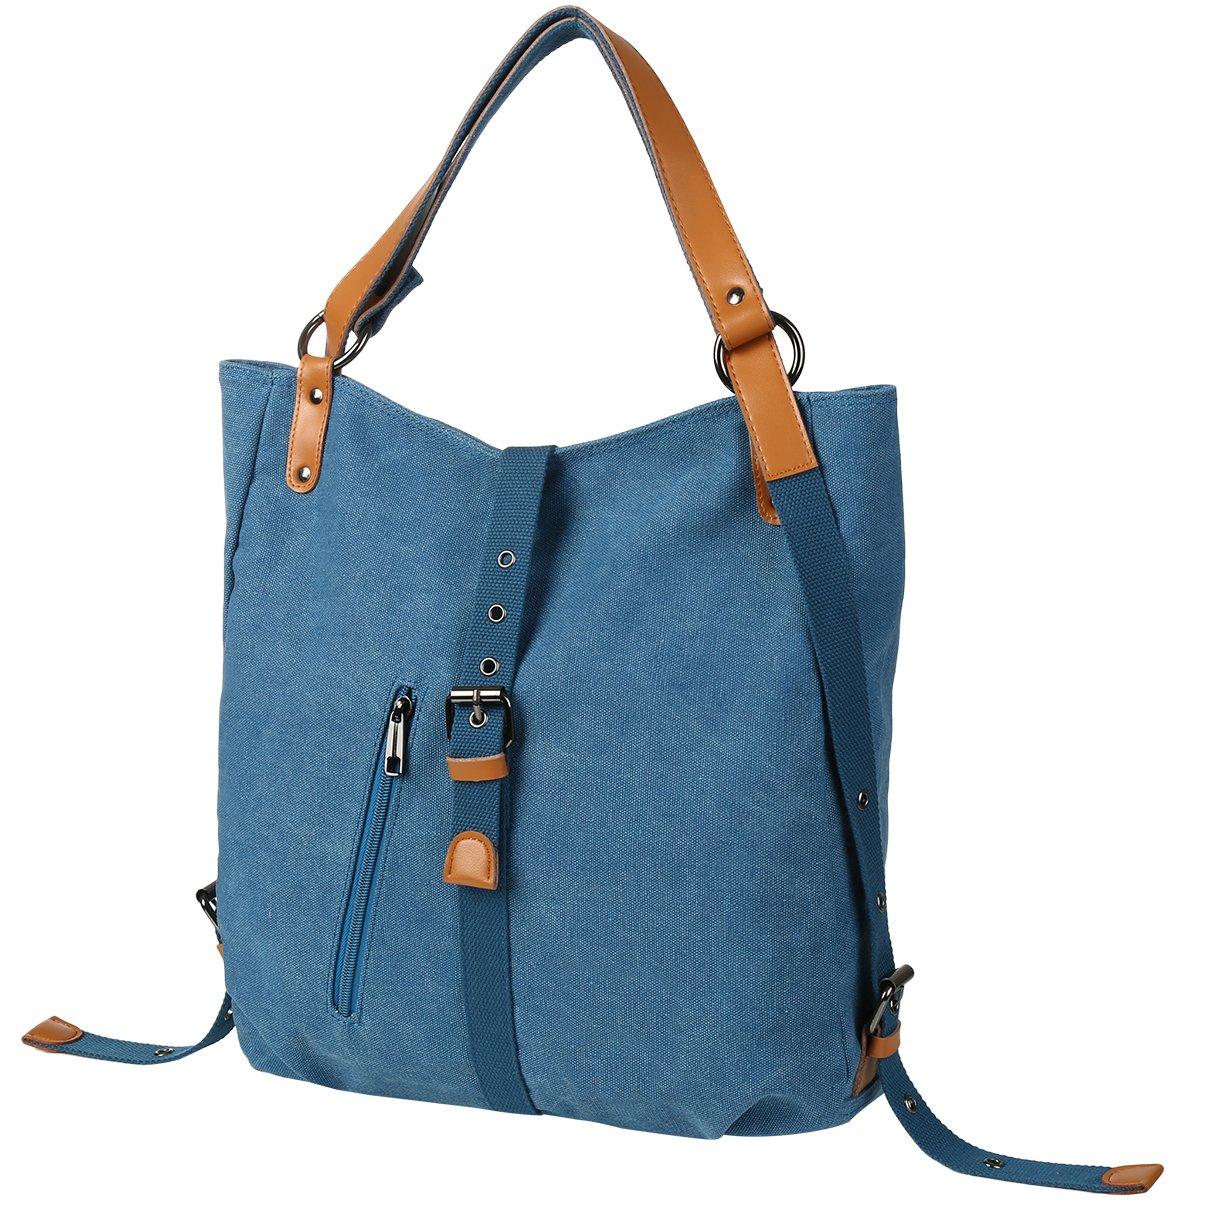 Vbiger Women Girl Backpack Purse Convertible Canvas Rucksack Shoulder Bag